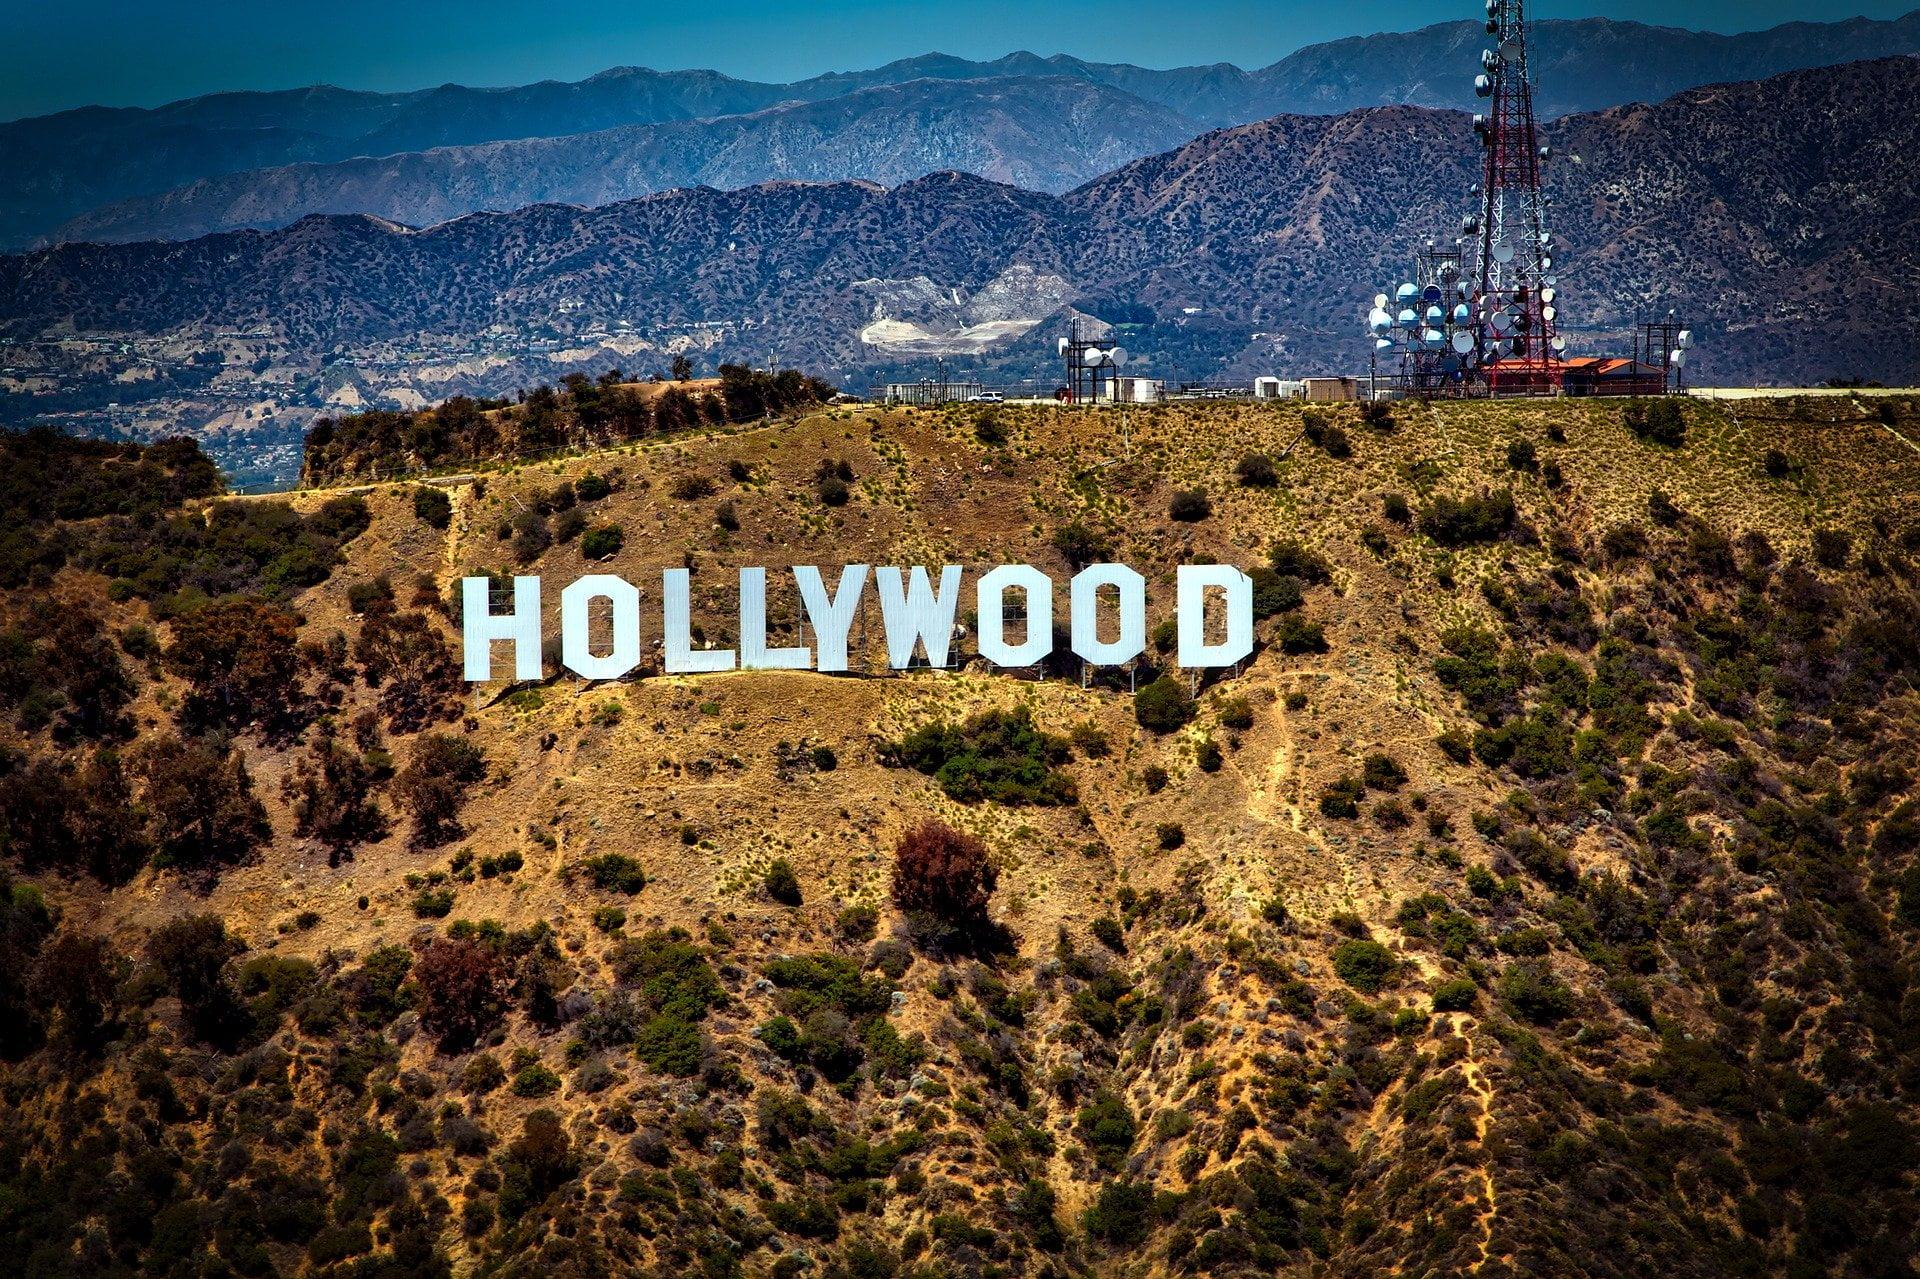 Filming in Los Angeles